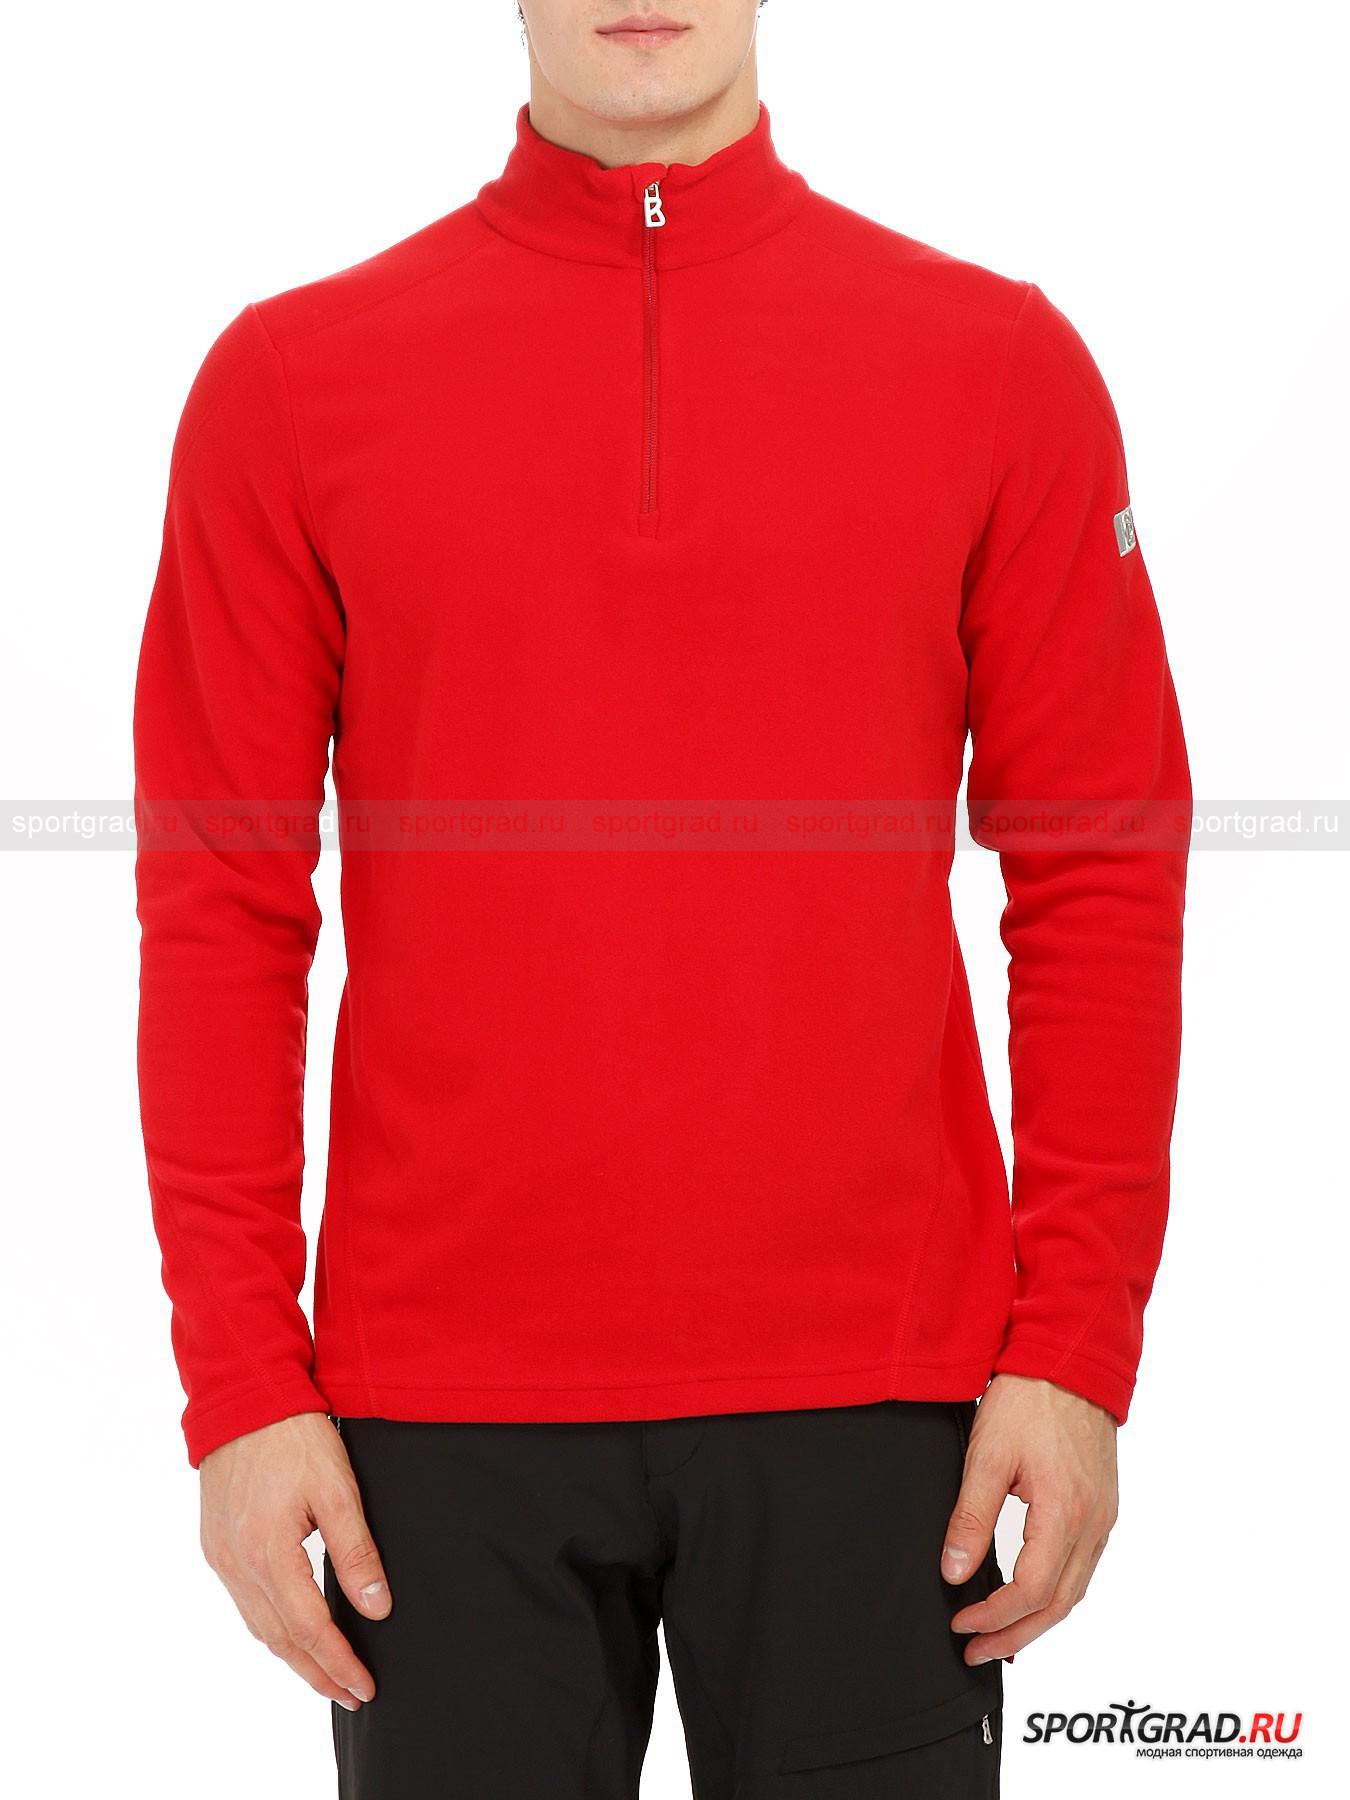 Мужская толстовка BOGNER RemyТолстовки<br>Организуя поездку в горы для лыжного катания, стоит озаботиться приобретением соответствующей одежды, которая в полной мере могла бы отвечать всем требования подобной экипировки. Примером такого надежного экипа может считаться продукция немецкой компании Bogner, которая на протяжении почти всего ХХ века занимается производством специализированной одежды для лыжников.<br><br>Грамотный подбор одежды не должен зацикливаться на теплых куртках, важно найти и не менее теплый промежуточный слой. Мужская толстовка Remy способна встать на страже Вашего здоровья и отличного состояния на морозном воздухе. Достичь этого удается за счет флисовой структуры ткани, которая отличается не только приятными ощущениями на ощупь, но и высоким уровнем сохранения тепла. Прибавить к этому можно износостойкость материала изготовления, что позволяет сохранить силуэт модели в первозданном виде.<br><br>•Высокий ворот<br>•Молния до груди<br>•Свободный крой<br>•Усиленный швы<br>•Фирменный логотип компании на левом плече<br><br>Пол: Мужской<br>Возраст: Взрослый<br>Тип: Толстовки<br>Рекомендации по уходу: Деликатная стирка при 30С, не отбеливать, не сушить в барабане стиральной машины, не гладить, химчистка разрешена.<br>Состав: 100% полиэстер.